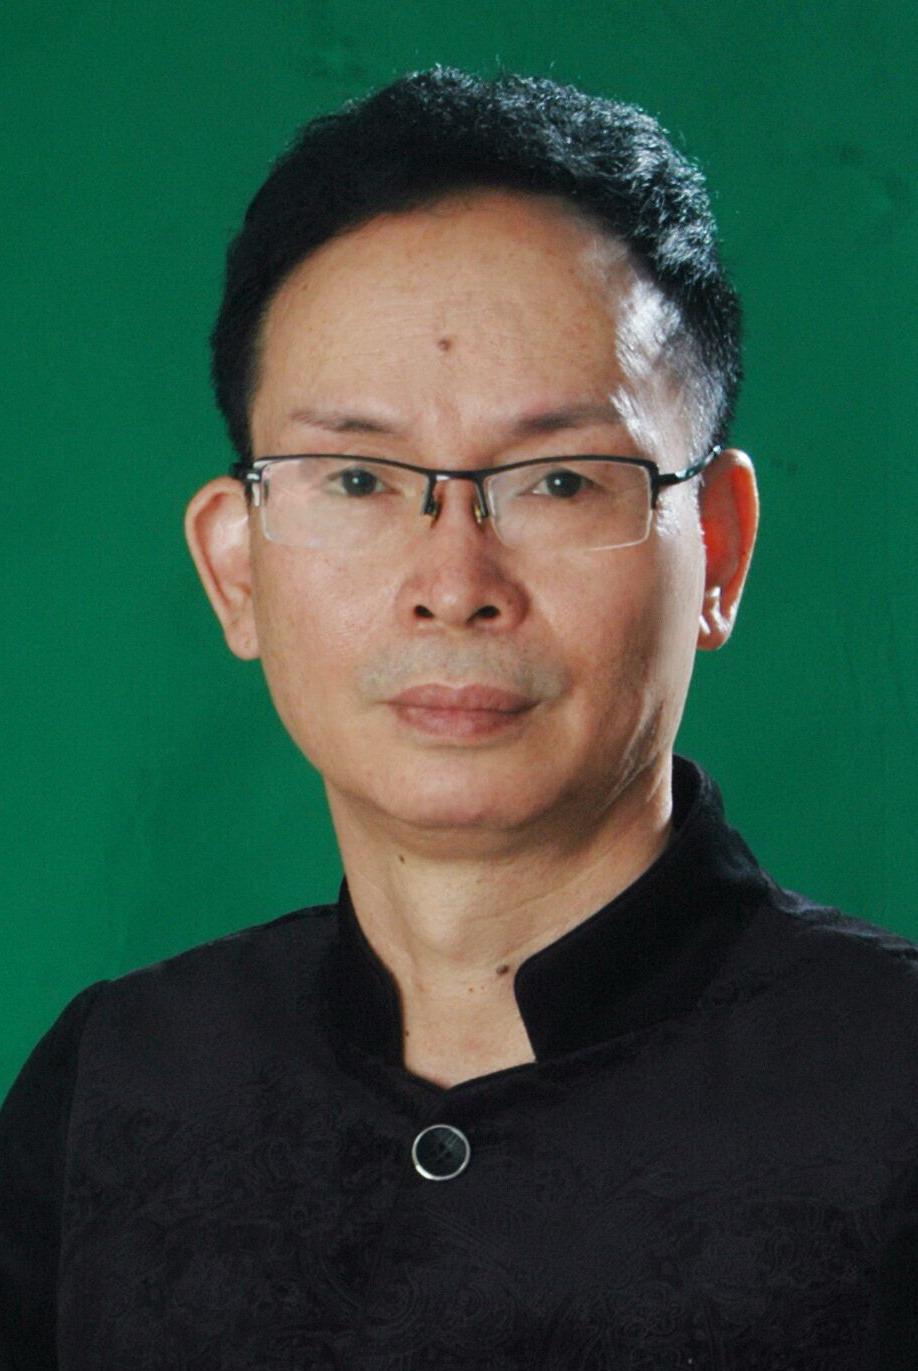 广东汕头馆馆长:方展华